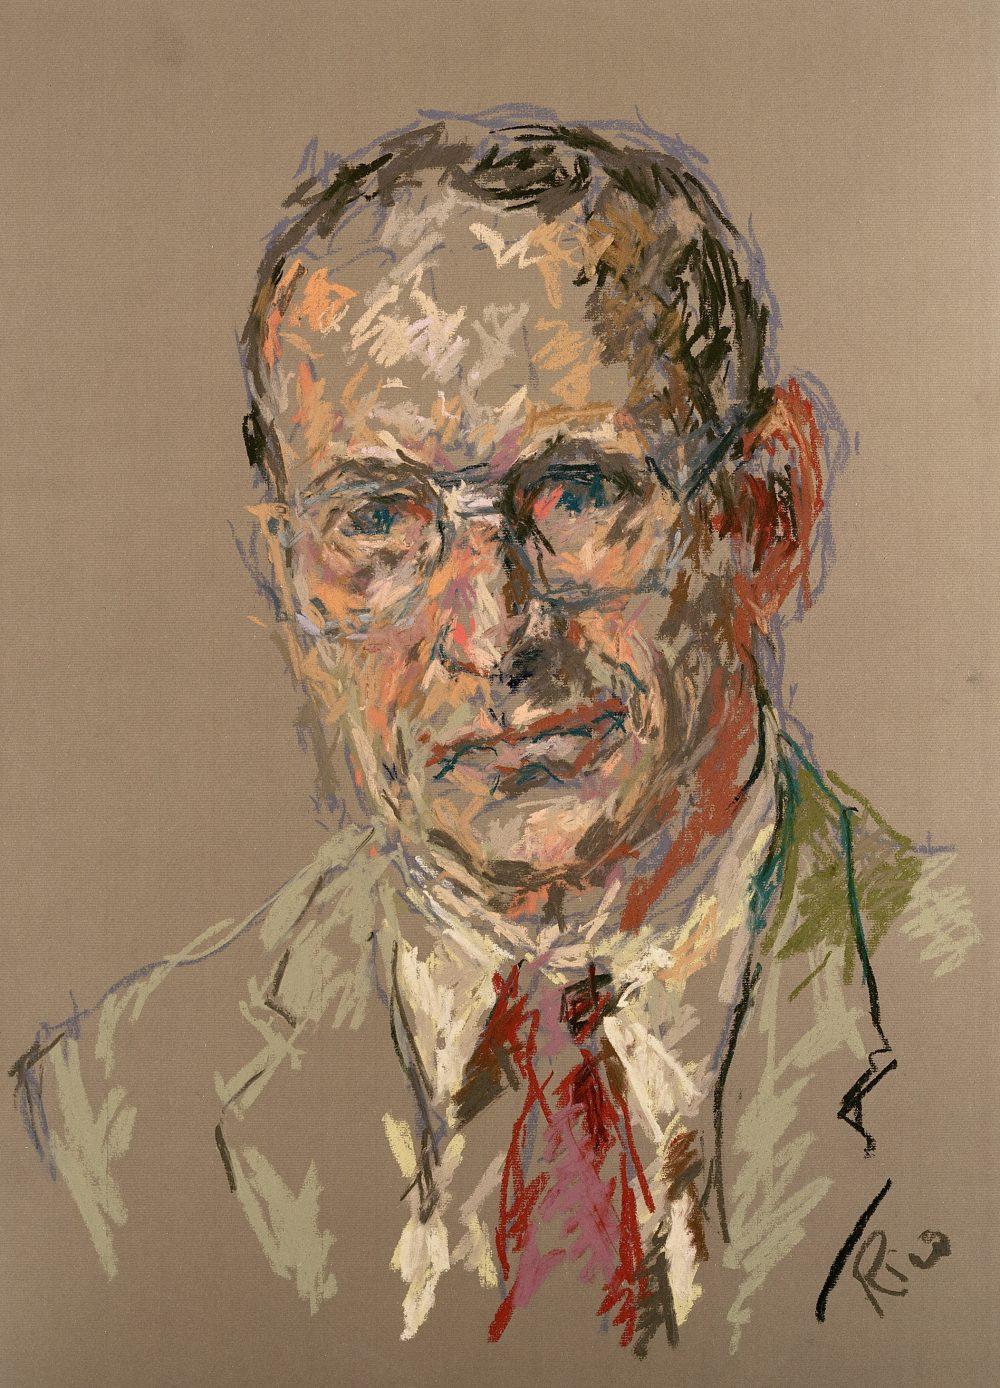 Karl Stetter - 2002